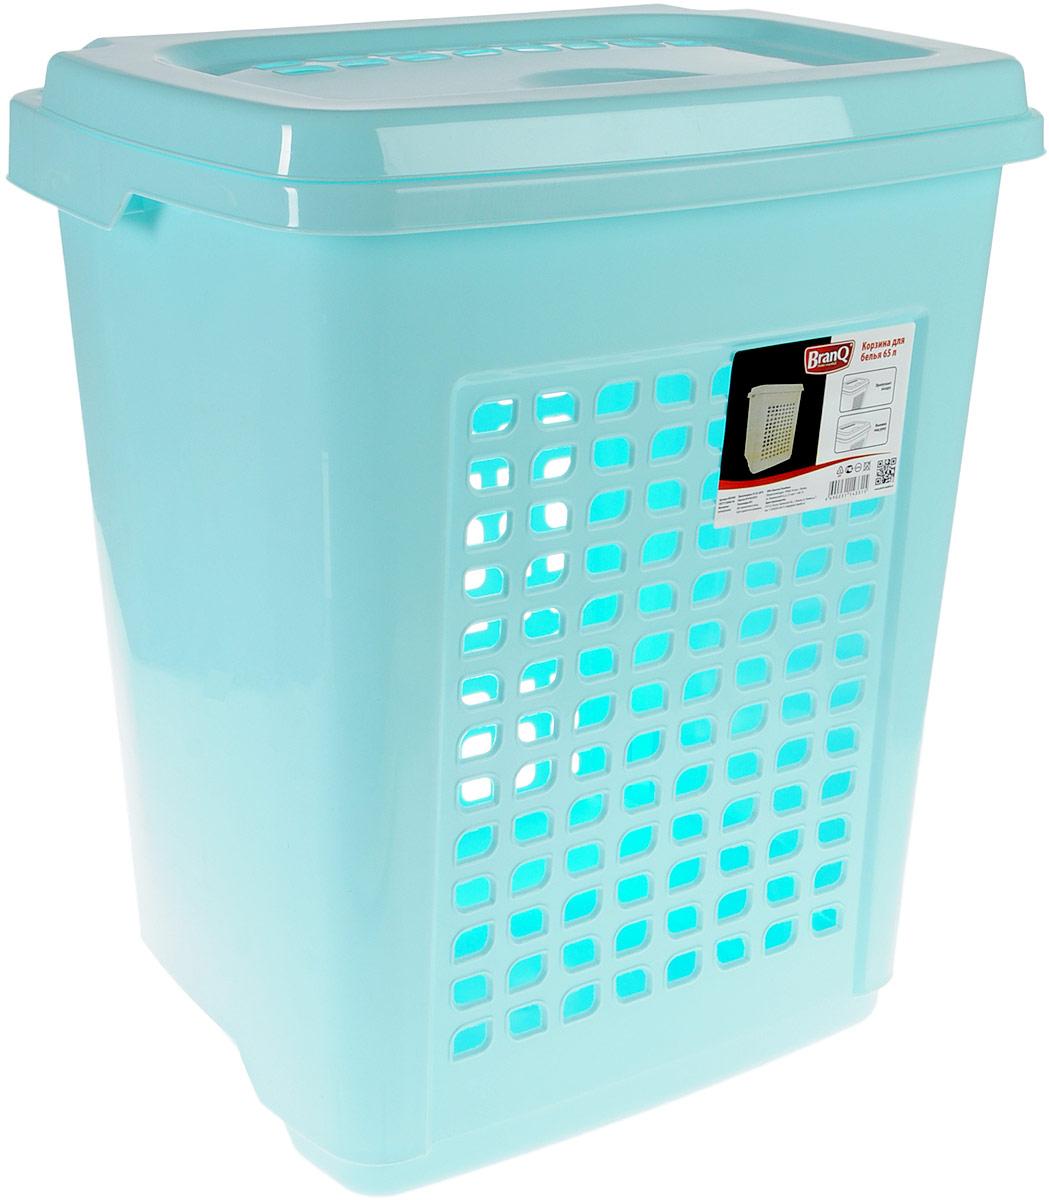 Корзина для белья BranQ, цвет: бирюзовый, 65 л391602Корзина для белья BranQ изготовлена из прочного пластика и оформлена перфорированными отверстиями, благодаря которым обеспечивается естественная вентиляция. Корзина оснащена крышкой, на которой имеется выемка для удобного открывания. Такая корзина для белья прекрасно впишется в интерьер ванной комнаты.